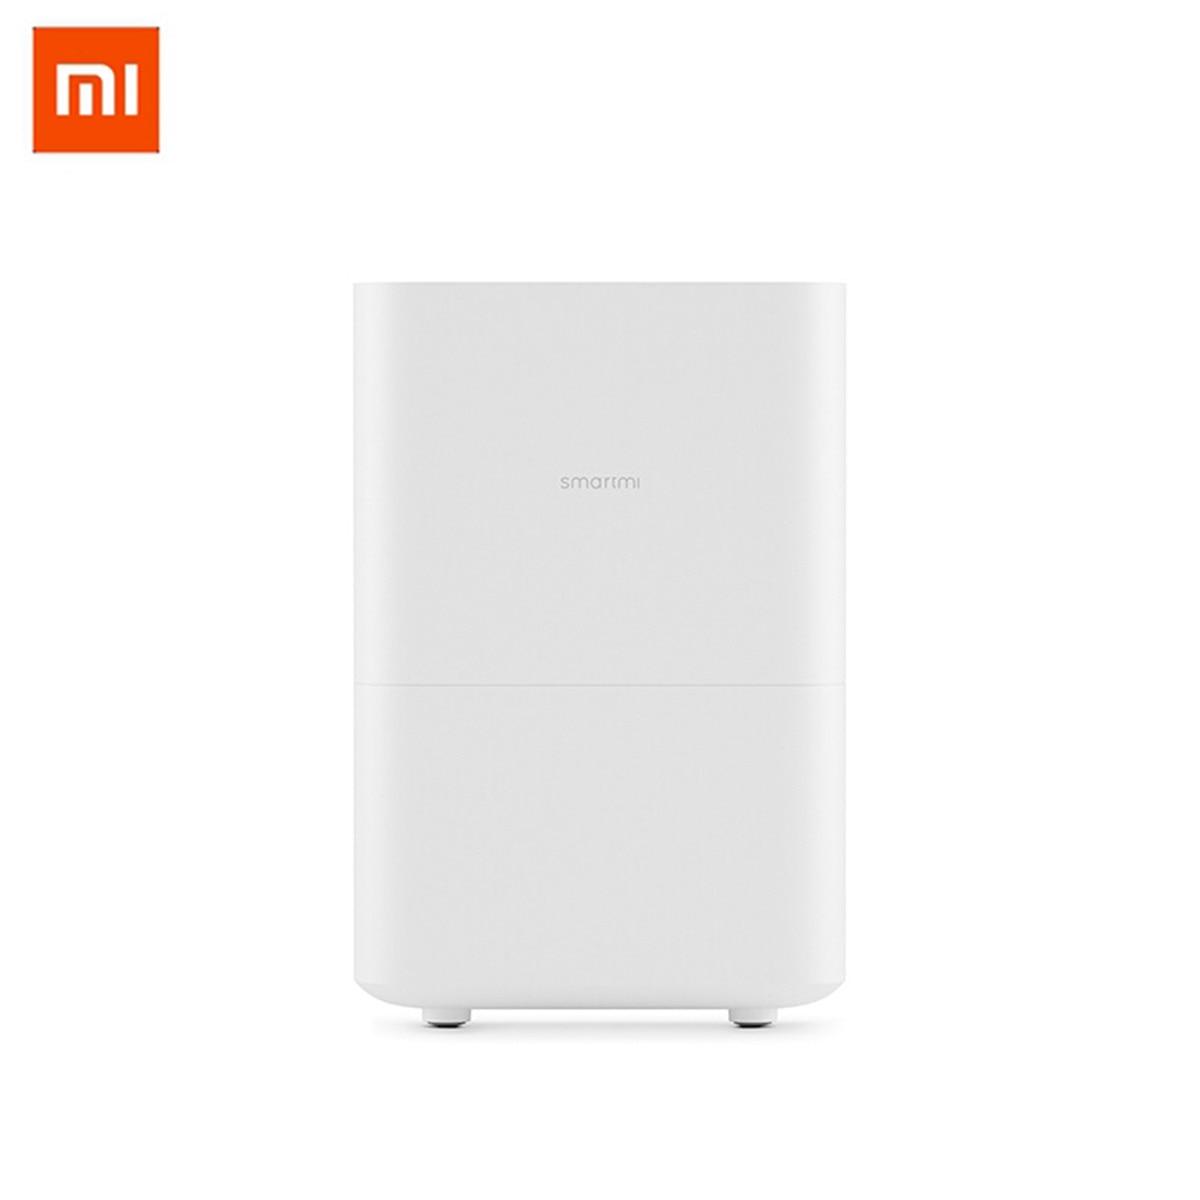 Xiaomi Mijia оригинальный Smartmi натуральный Испарительный чистый увлажнитель воздуха Арома диффузор 4L резервуар для воды приложение дистанционн...